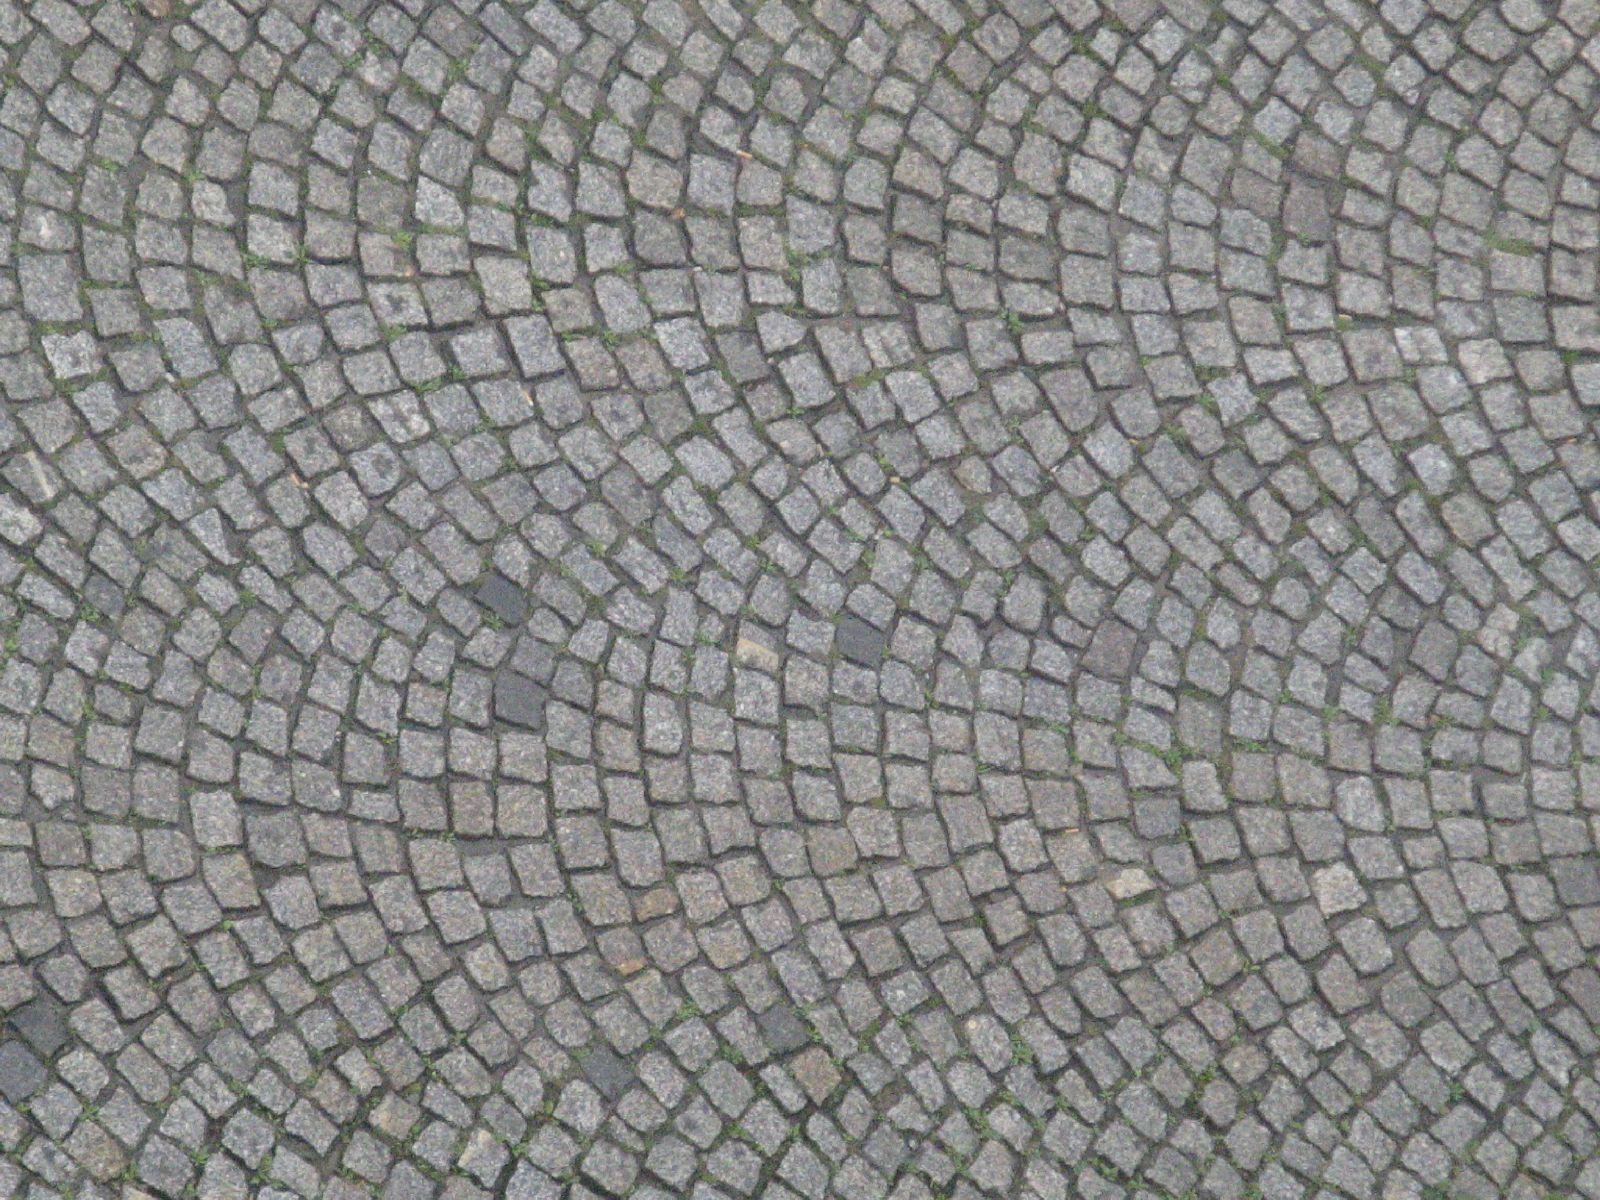 Ground-Urban_Texture_B_2456